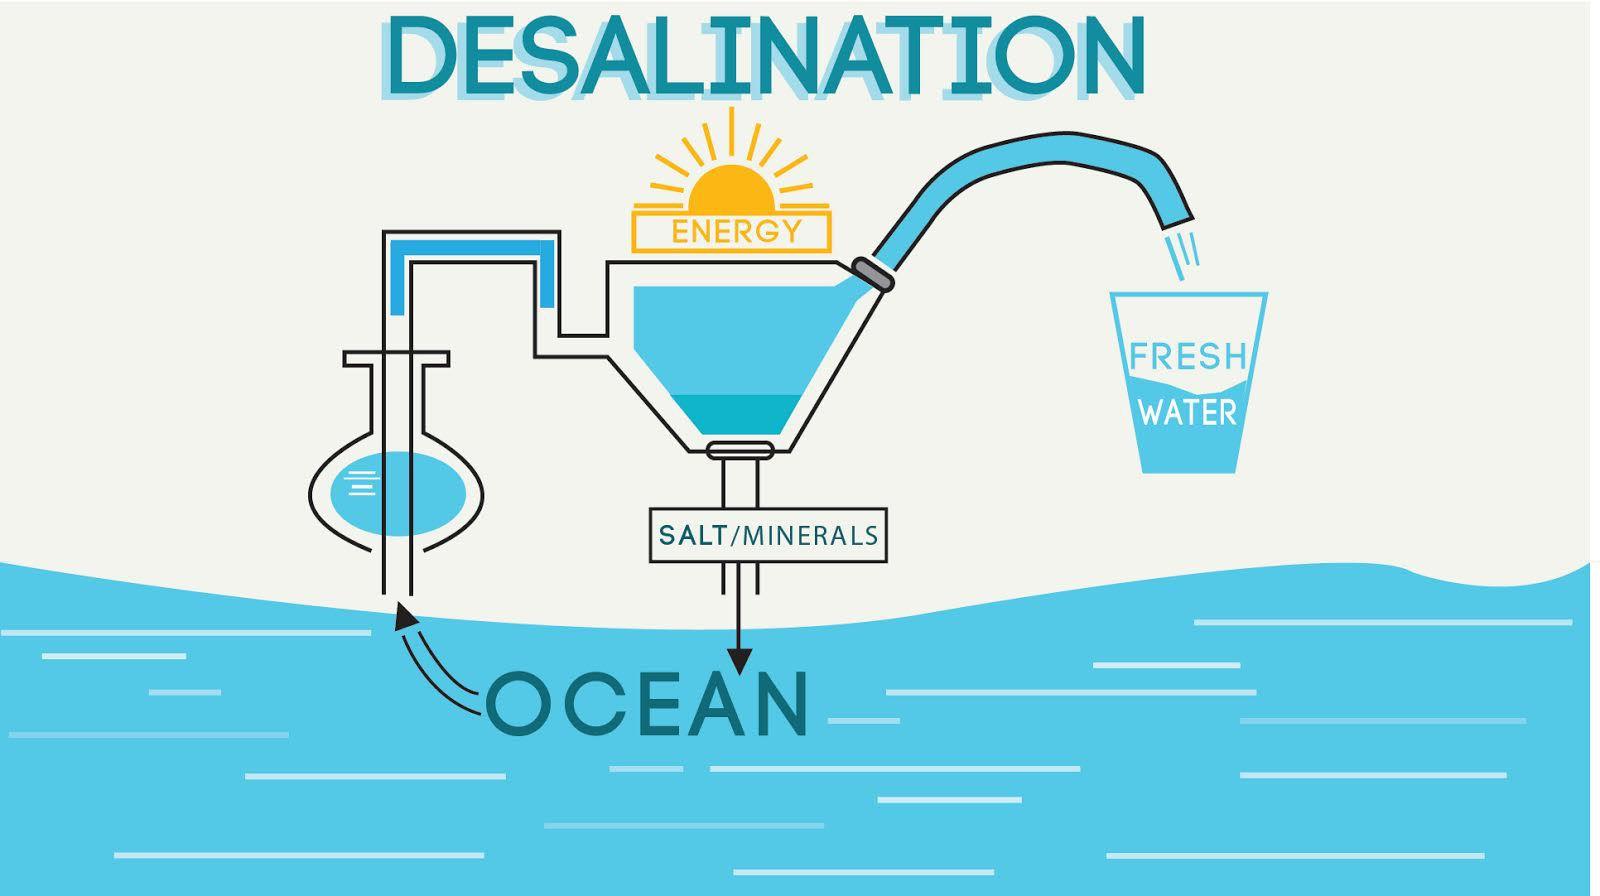 Graphene Makes Solar Desalination Cheaper Graphene Uses